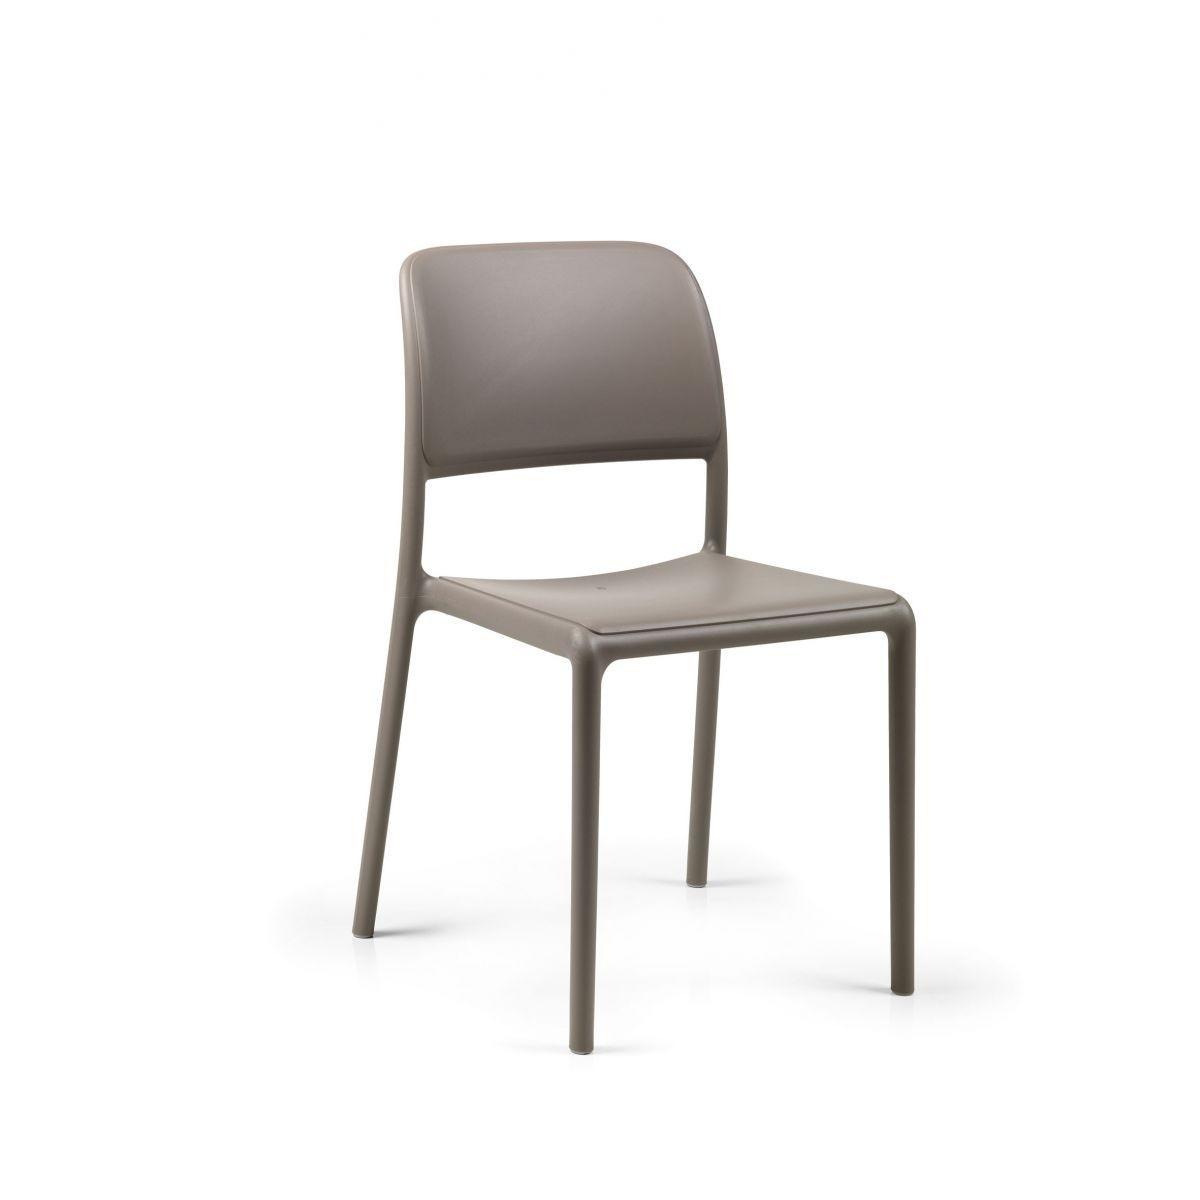 Chaise De Jardin Colorée & Design Riva Bistrot | Products En ... concernant Chaise Jardin Colorée